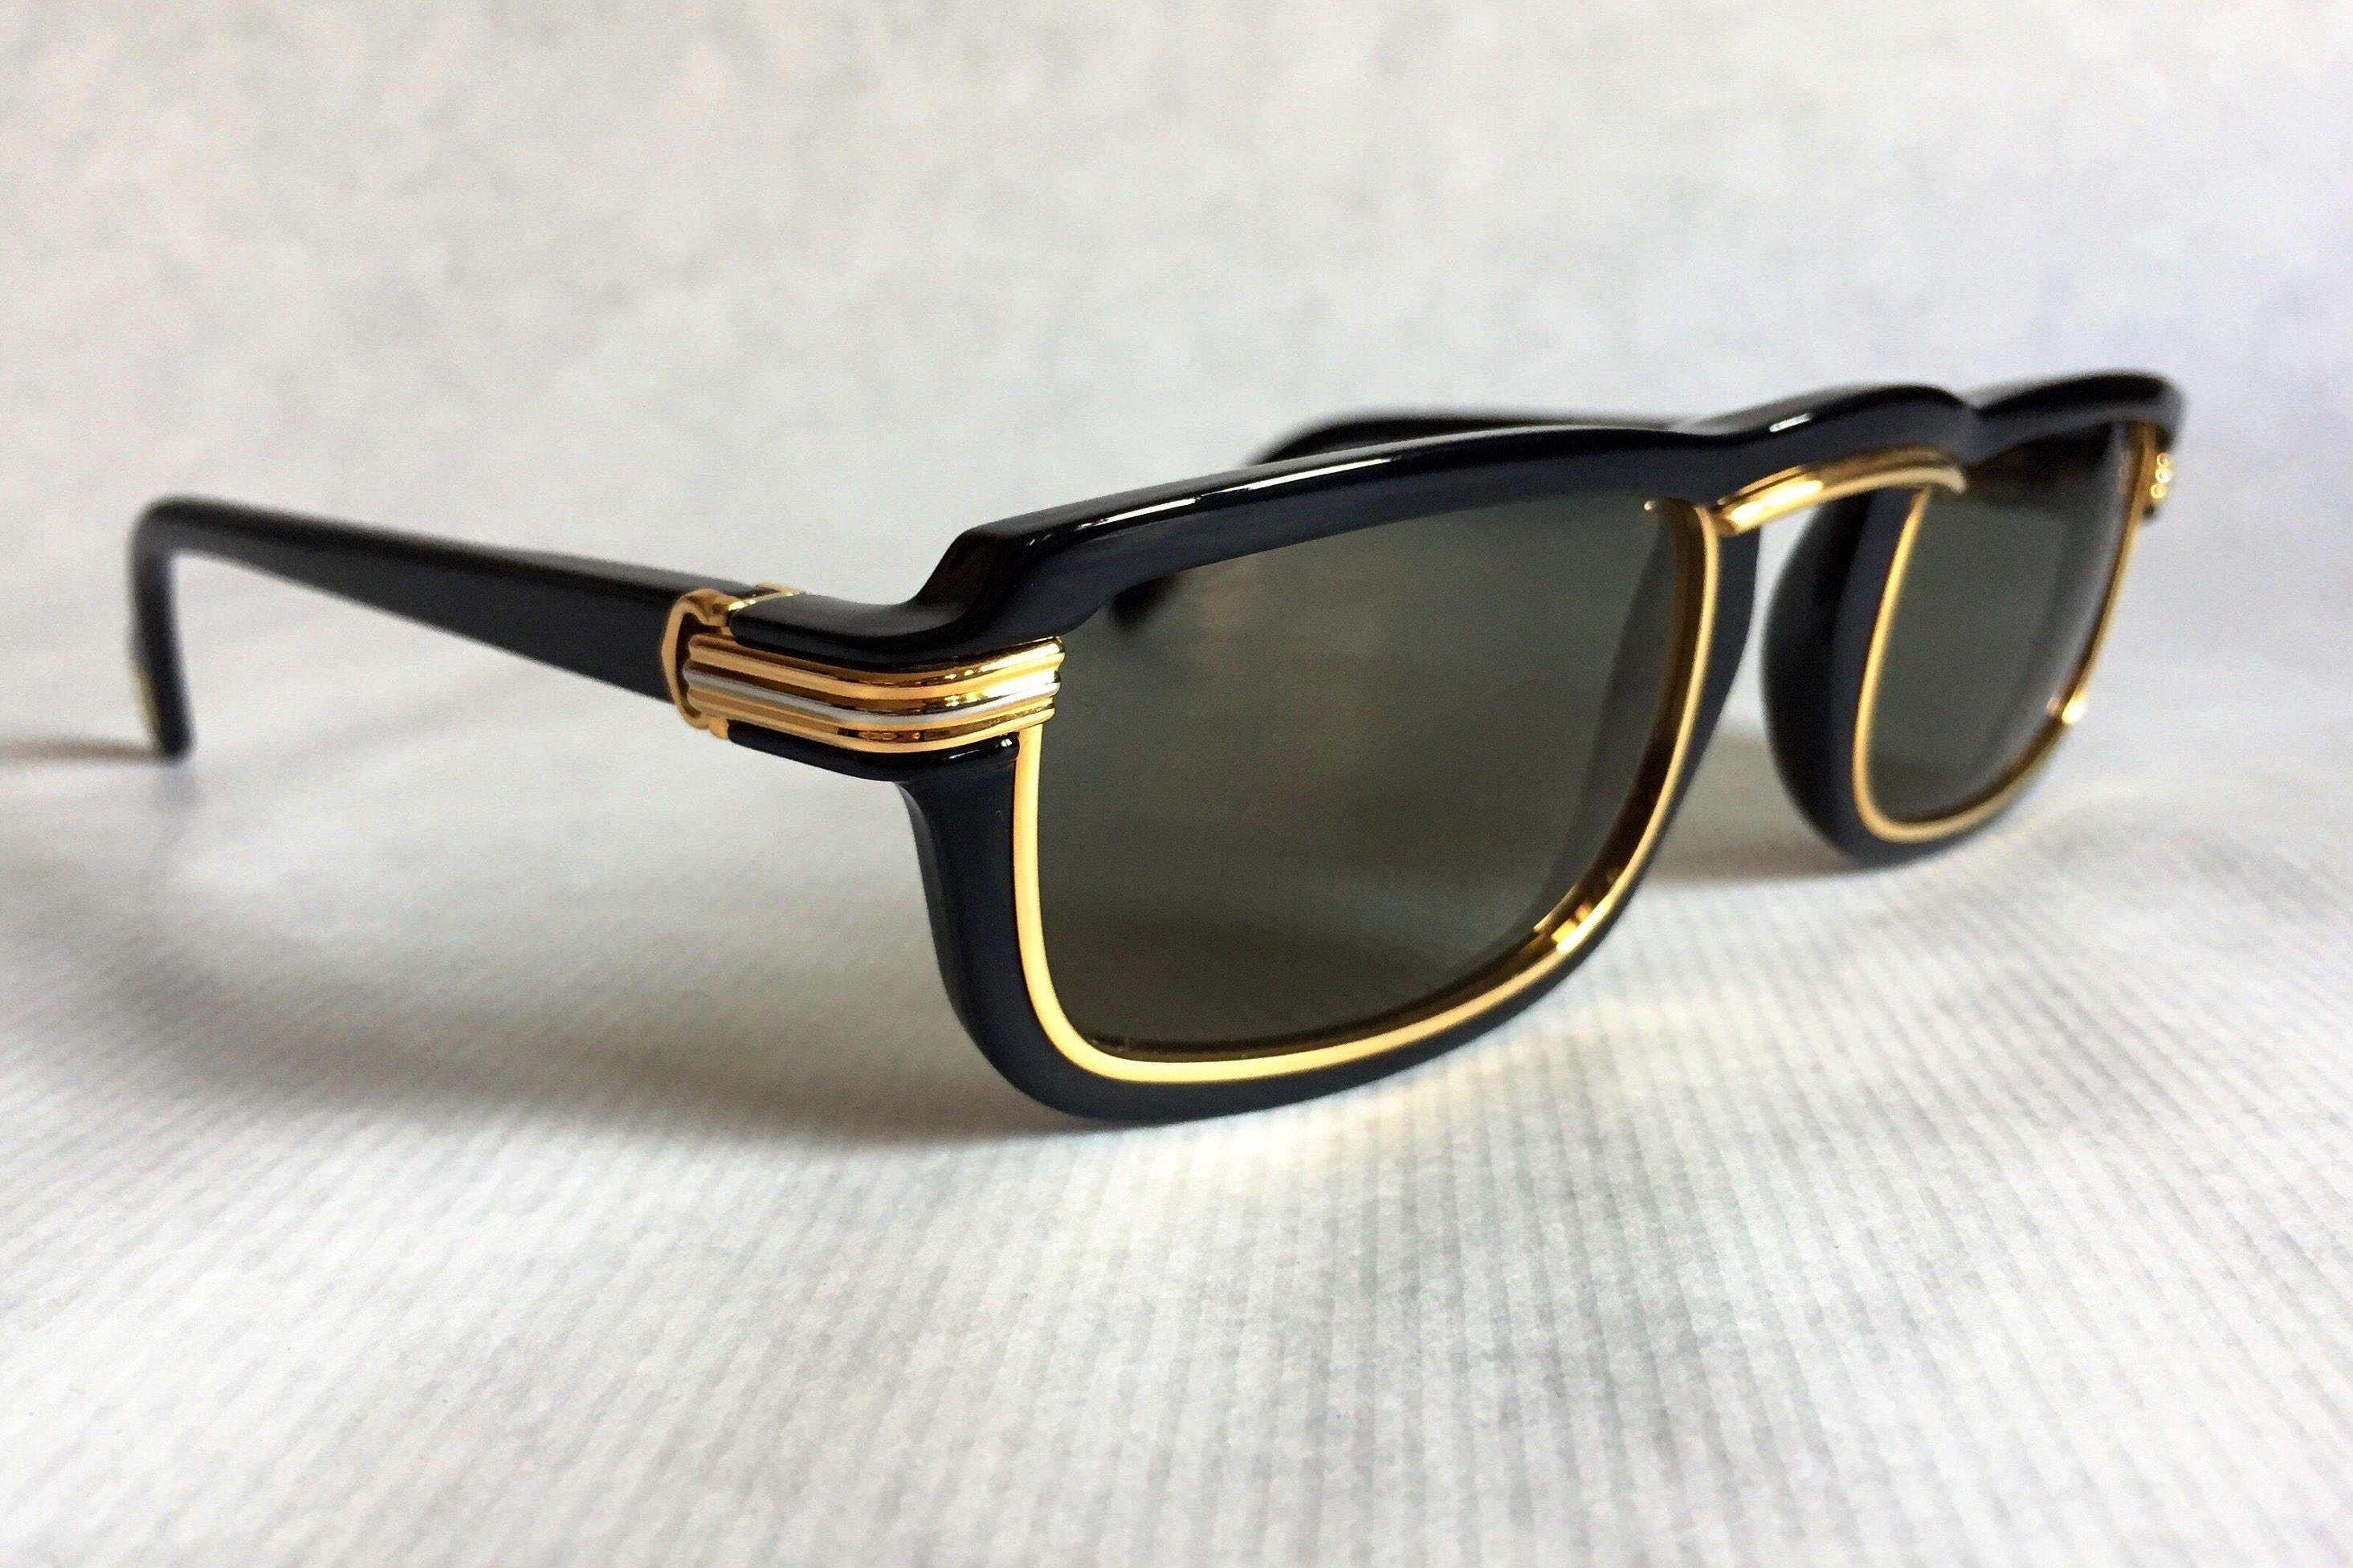 9e5cfb8cba48 Cartier Vertigo Vintage Sunglasses - Full Set - New Old Stock